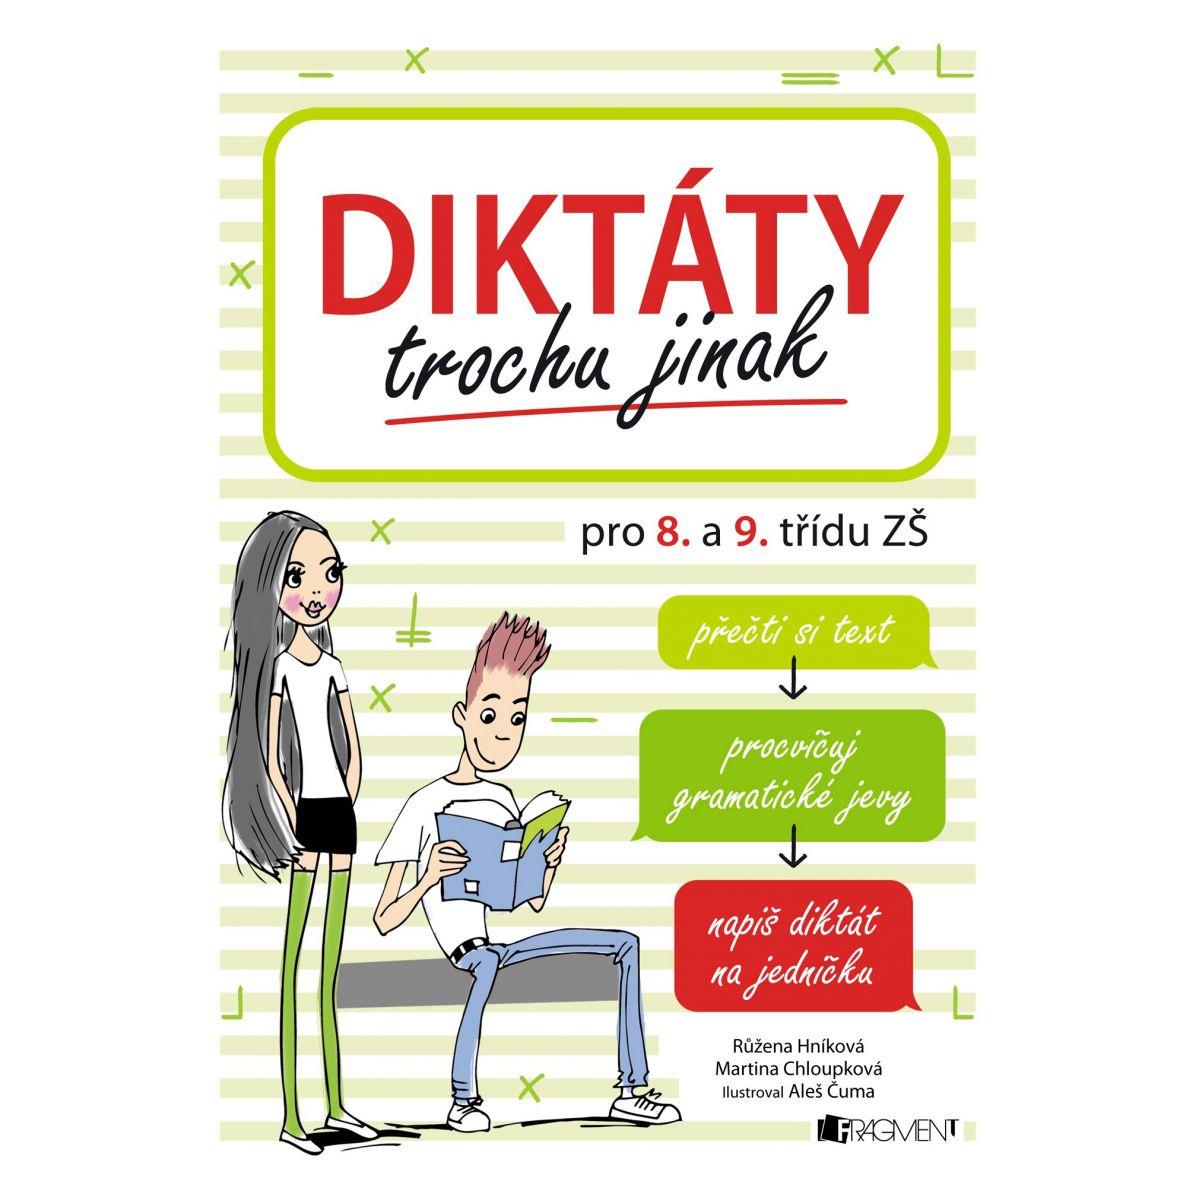 Diktáty trochu inak pre 8. a 9. triedu ZŠ Martina Chloupková, Růžena Hníková